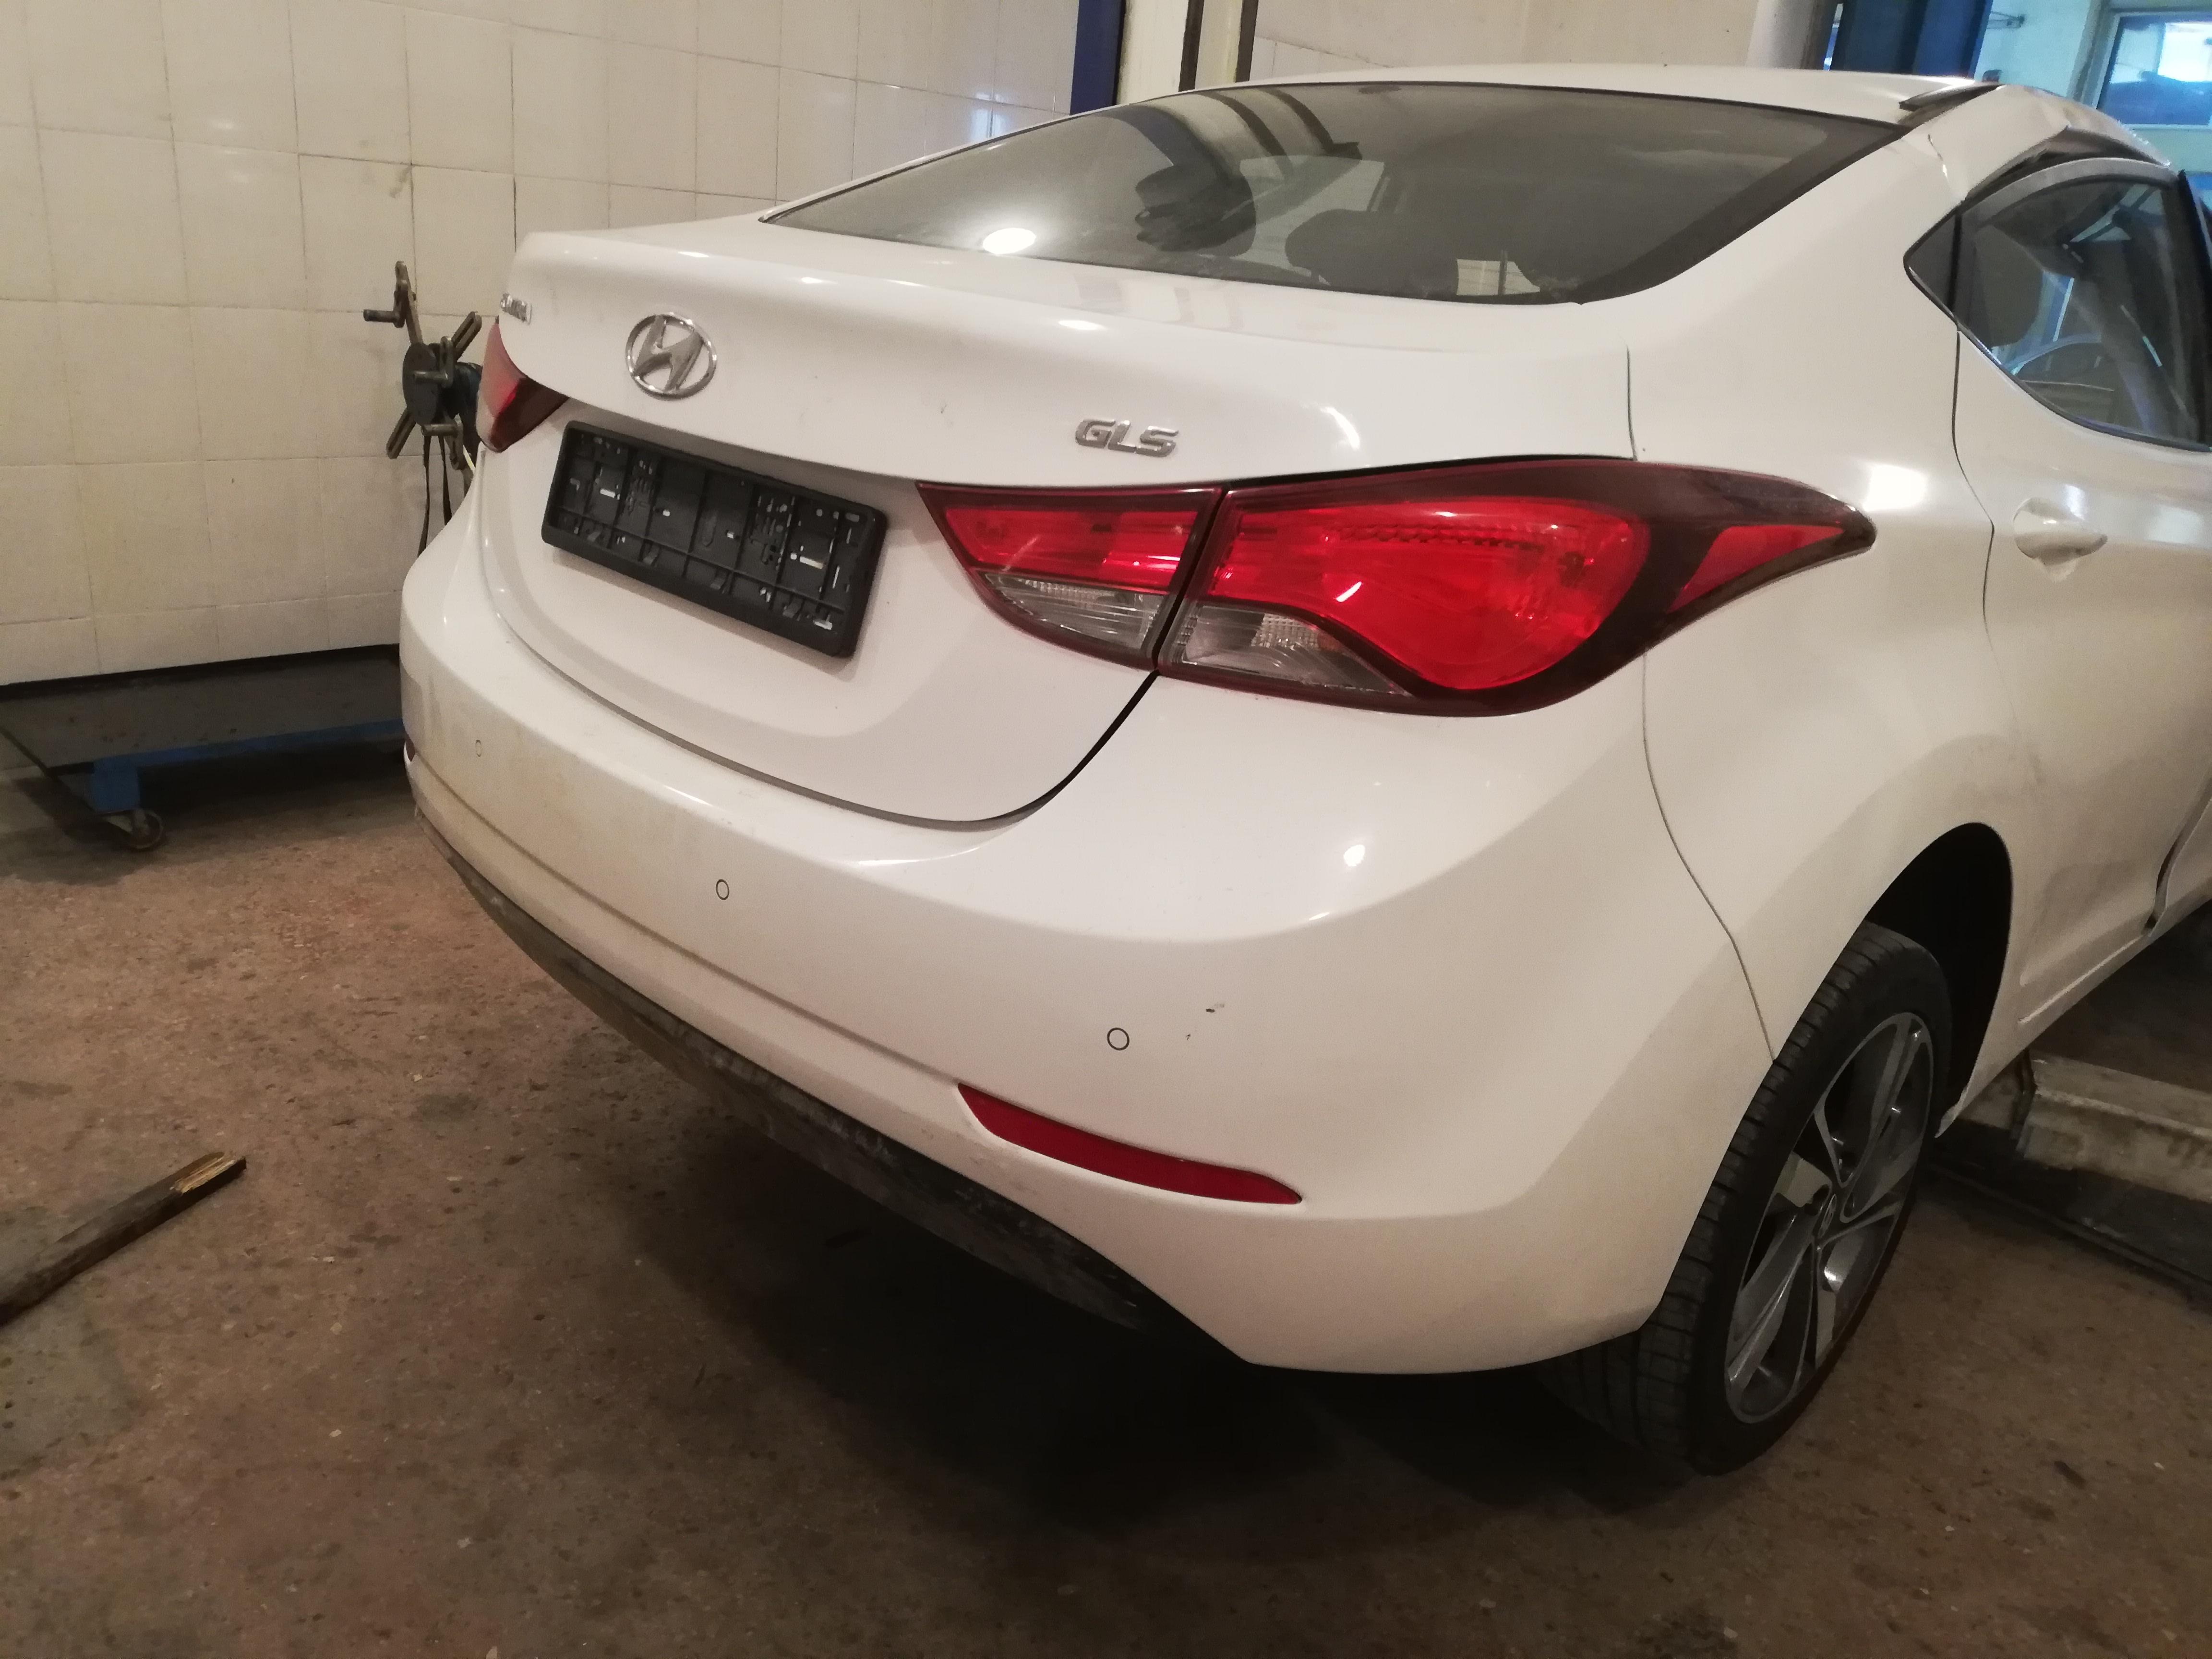 Hyundai Elantra 1.8(lt) 2014 Second hand  $13700